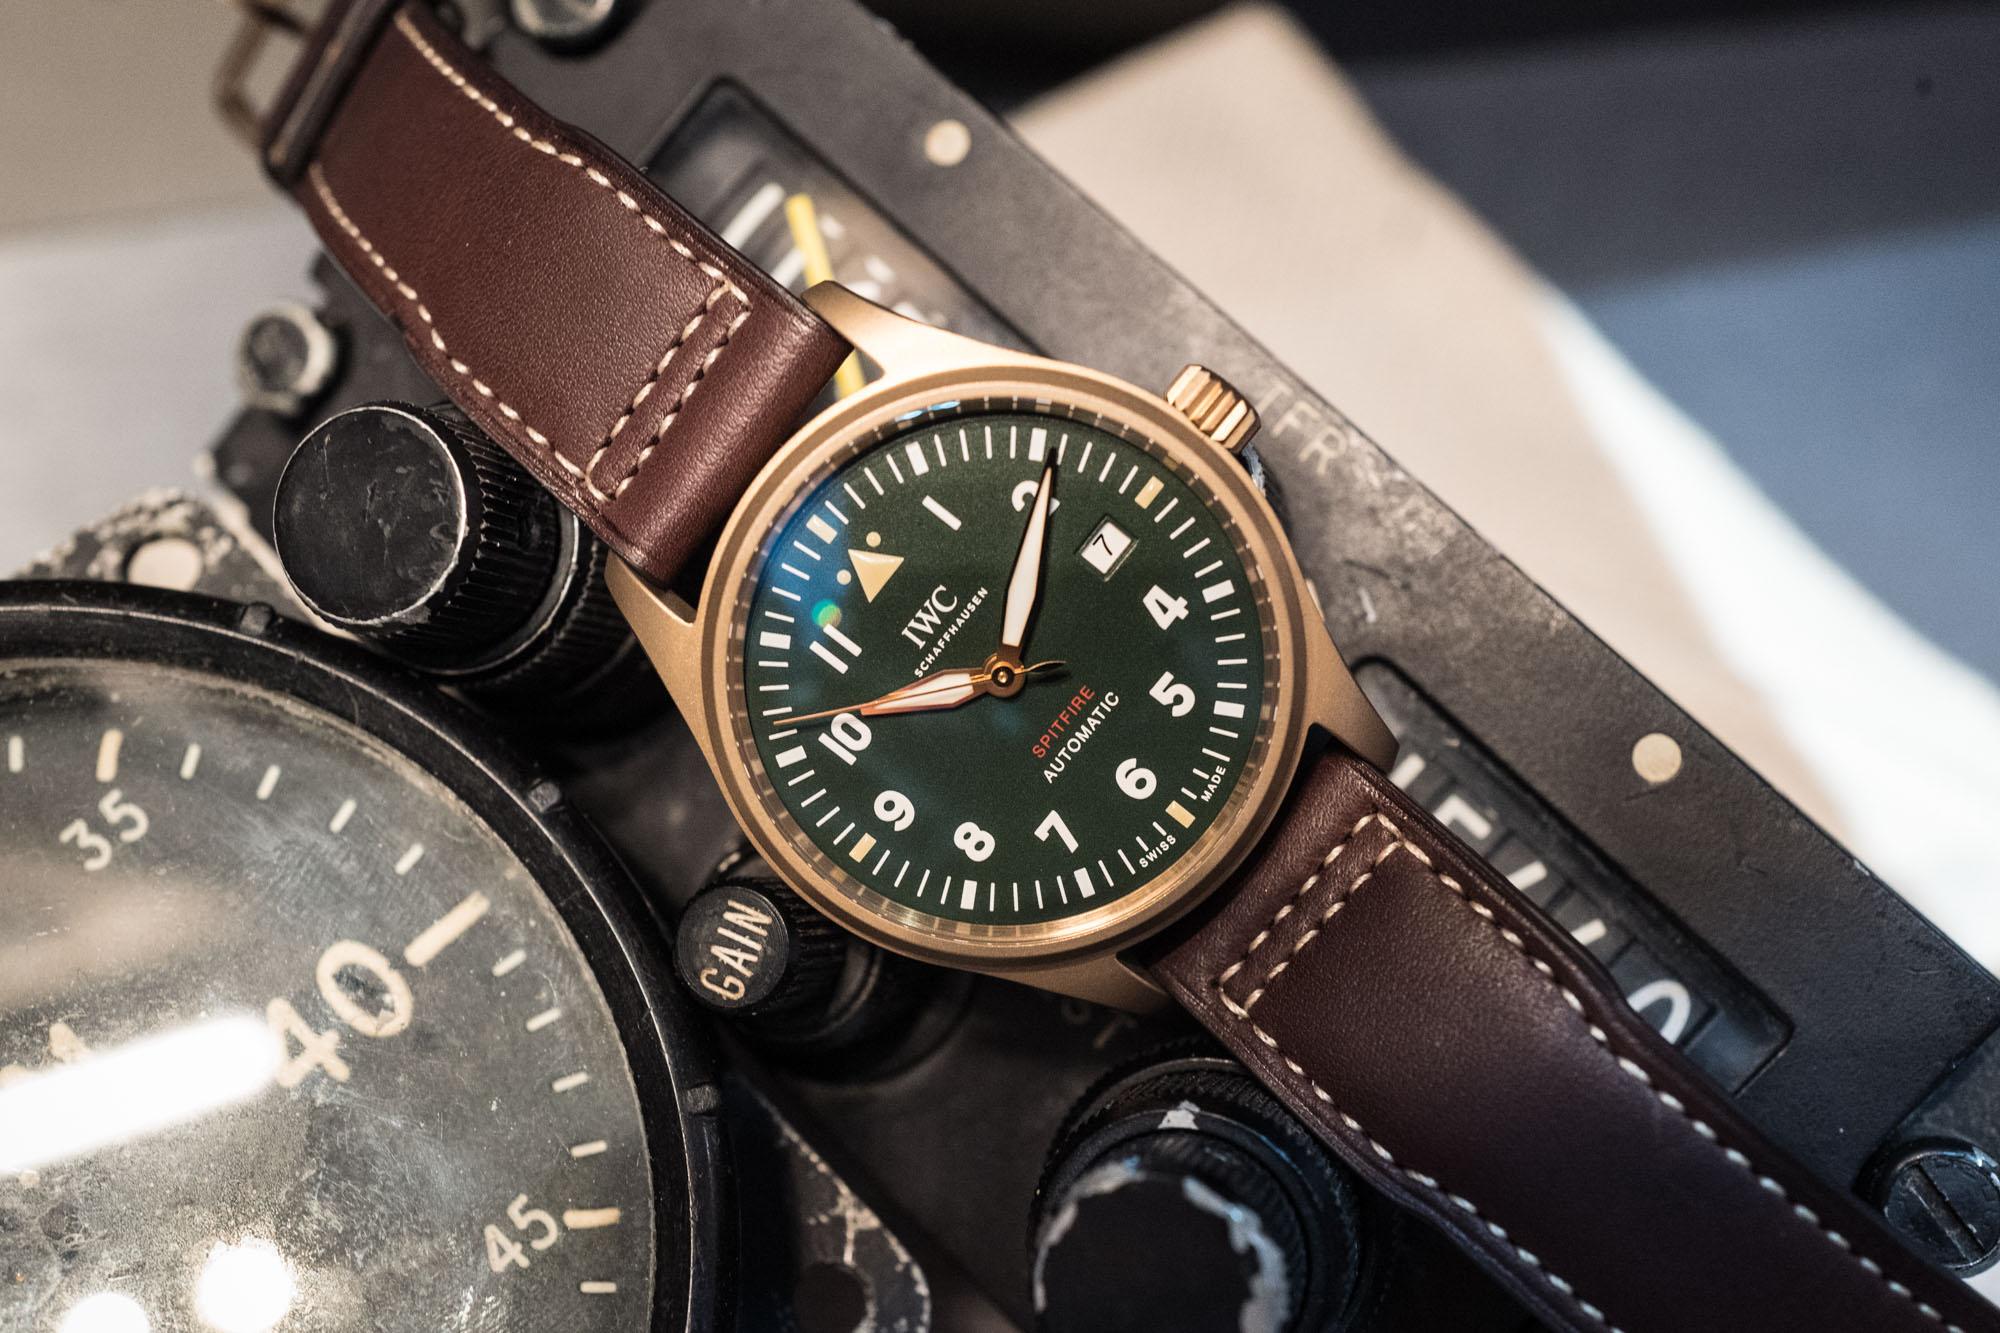 IWC - SIHH 2019 - Montre d'Aviateur Automatique Spitfire Bronze